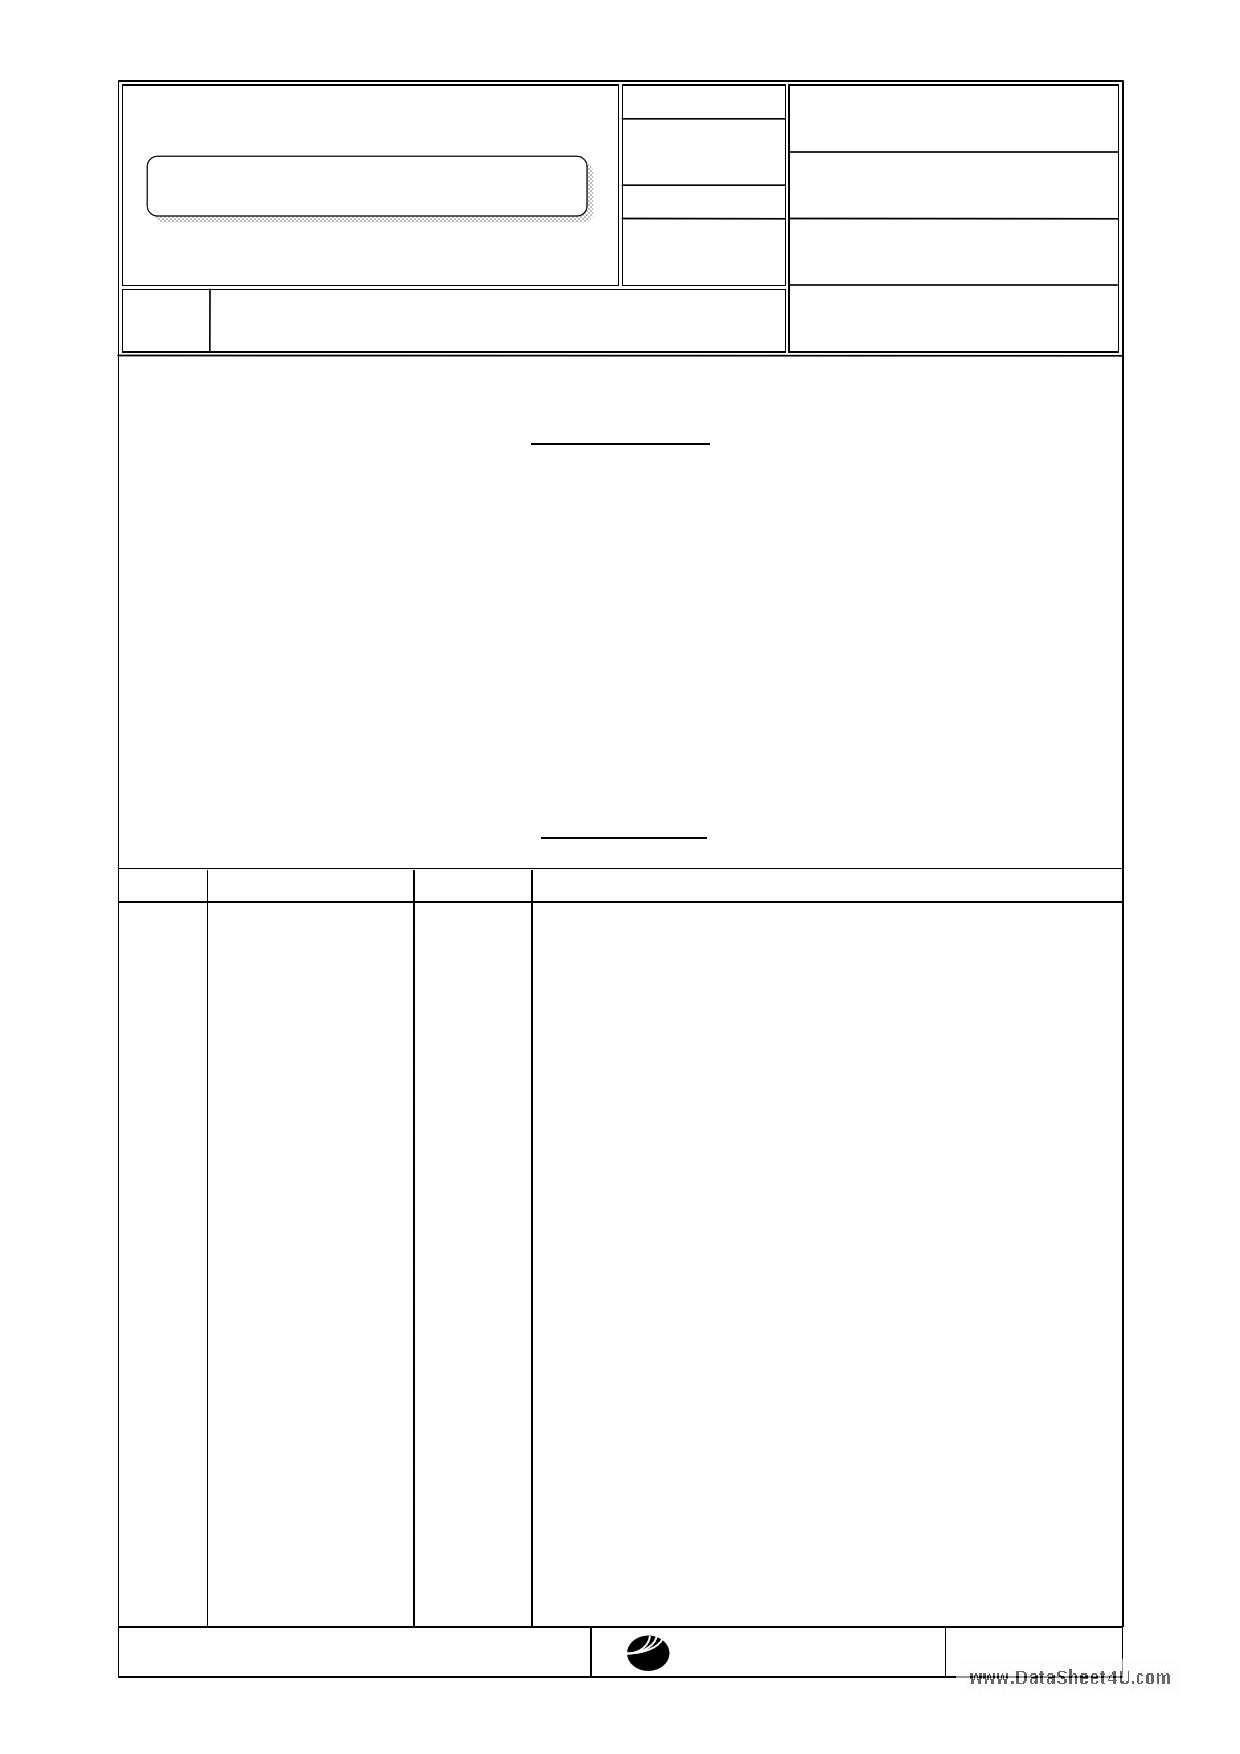 DMC40131 datasheet